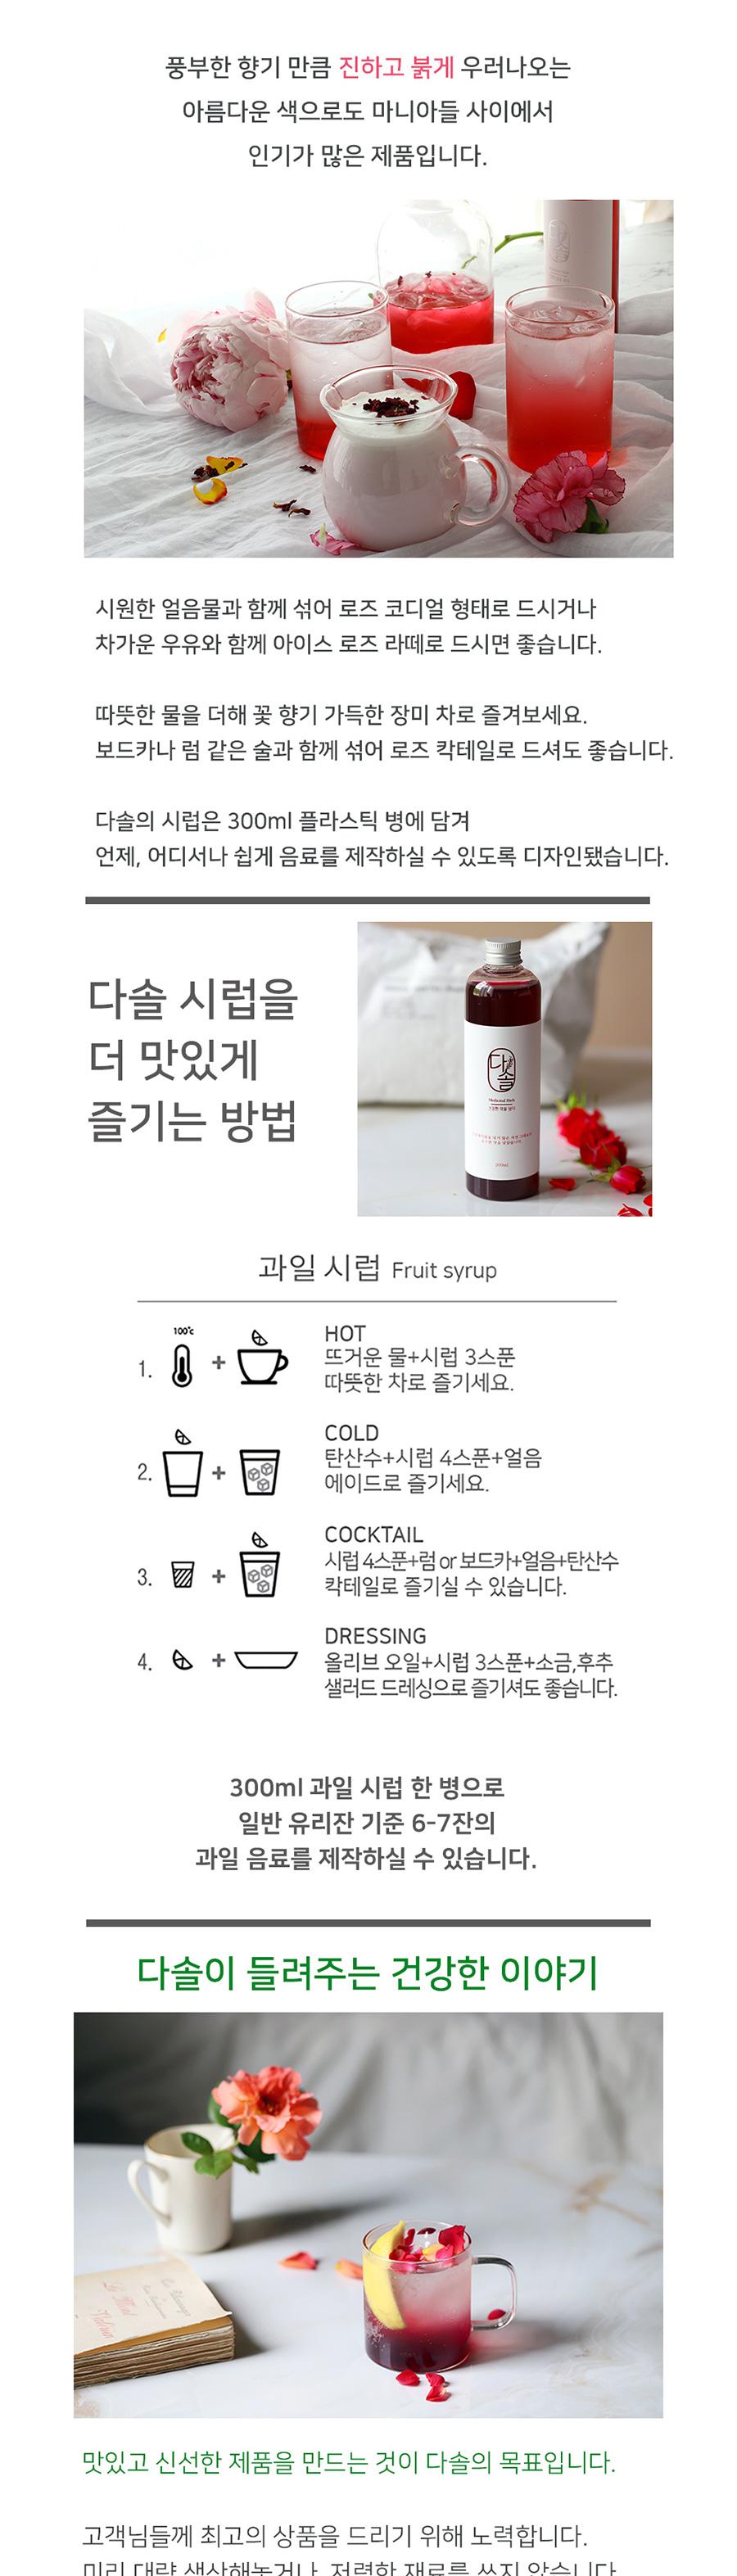 다솔 리얼 장미 시럽 - 다솔, 14,500원, 꿀/시럽, 시럽